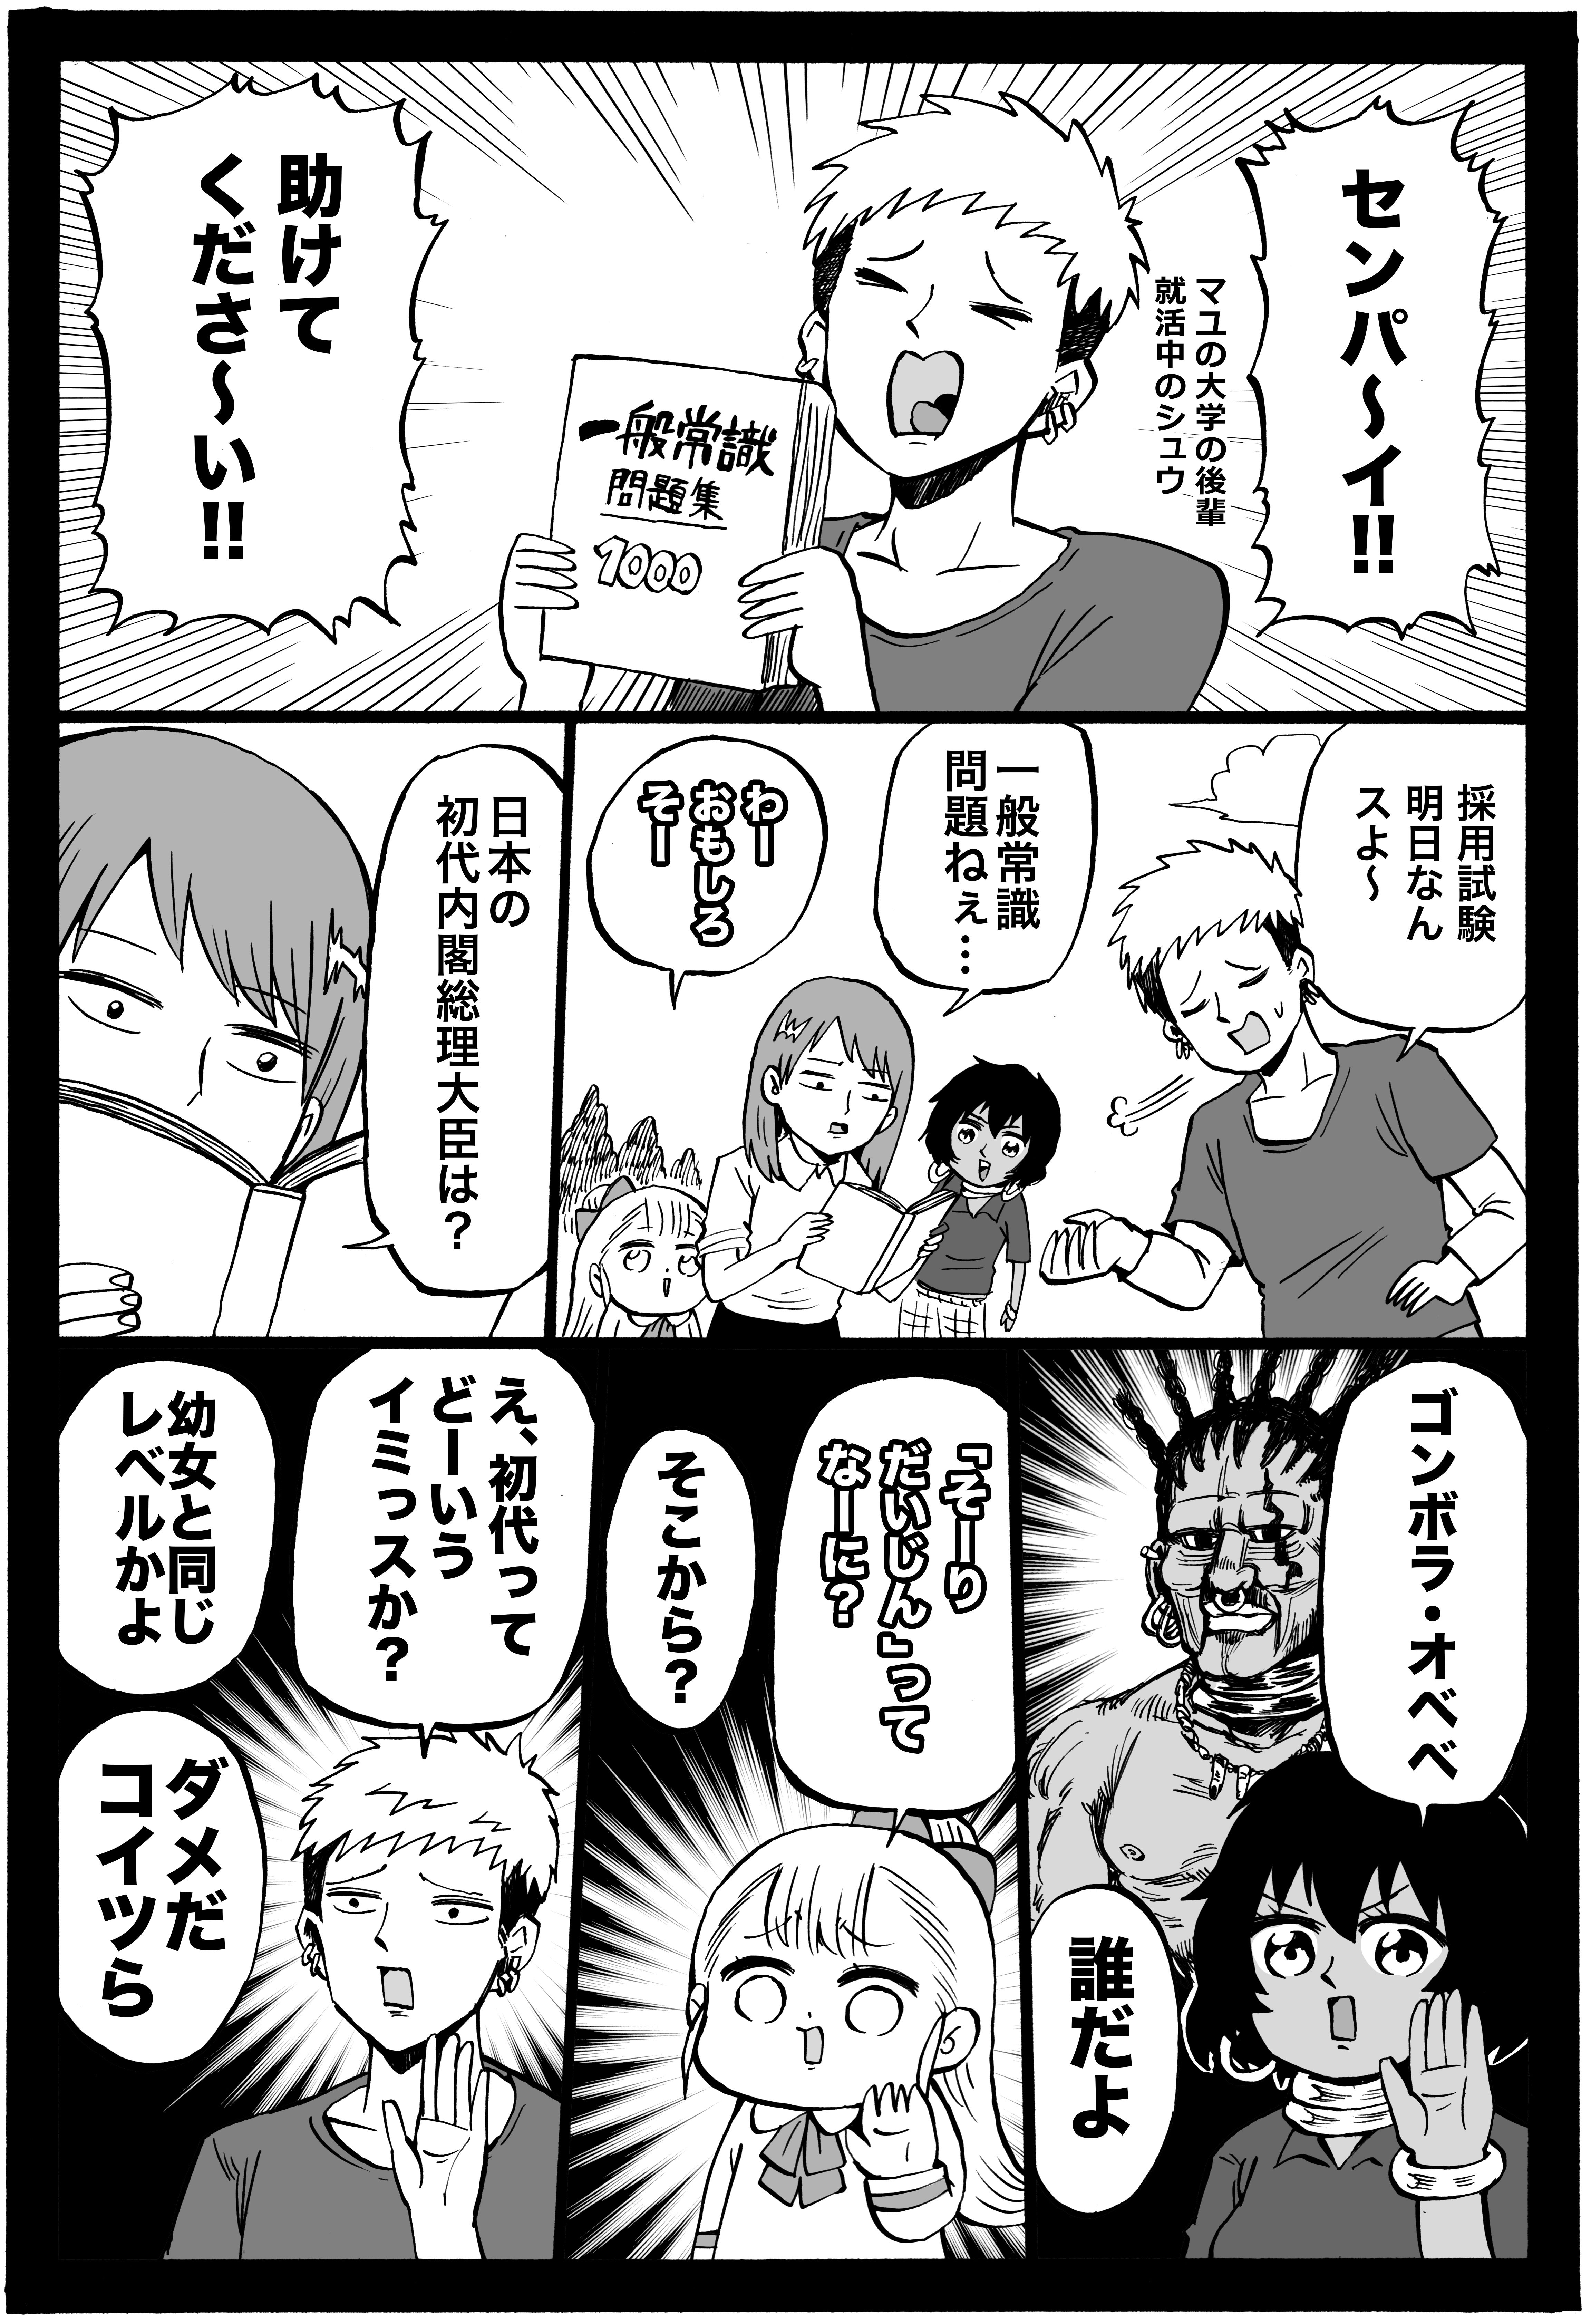 幼女社長(ひっきしけん)